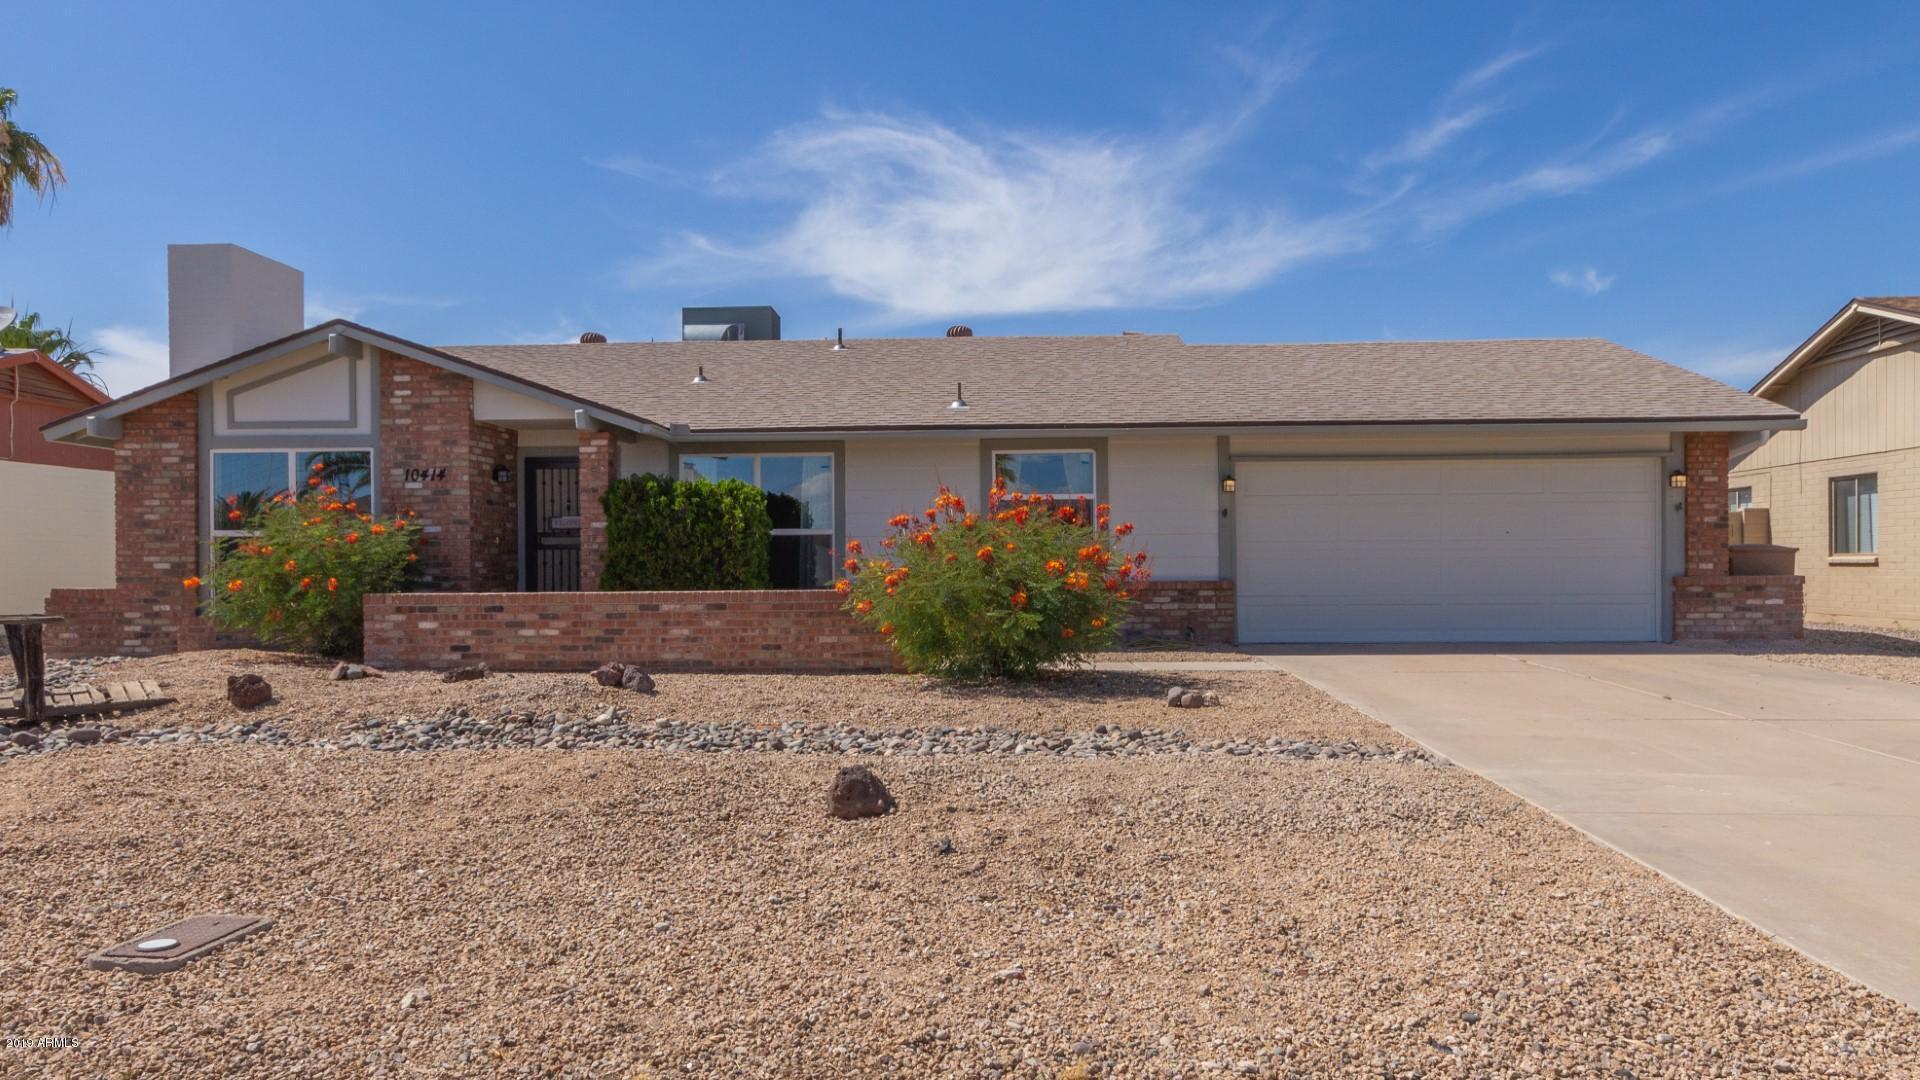 10414 W ECHO Lane, Peoria, Arizona